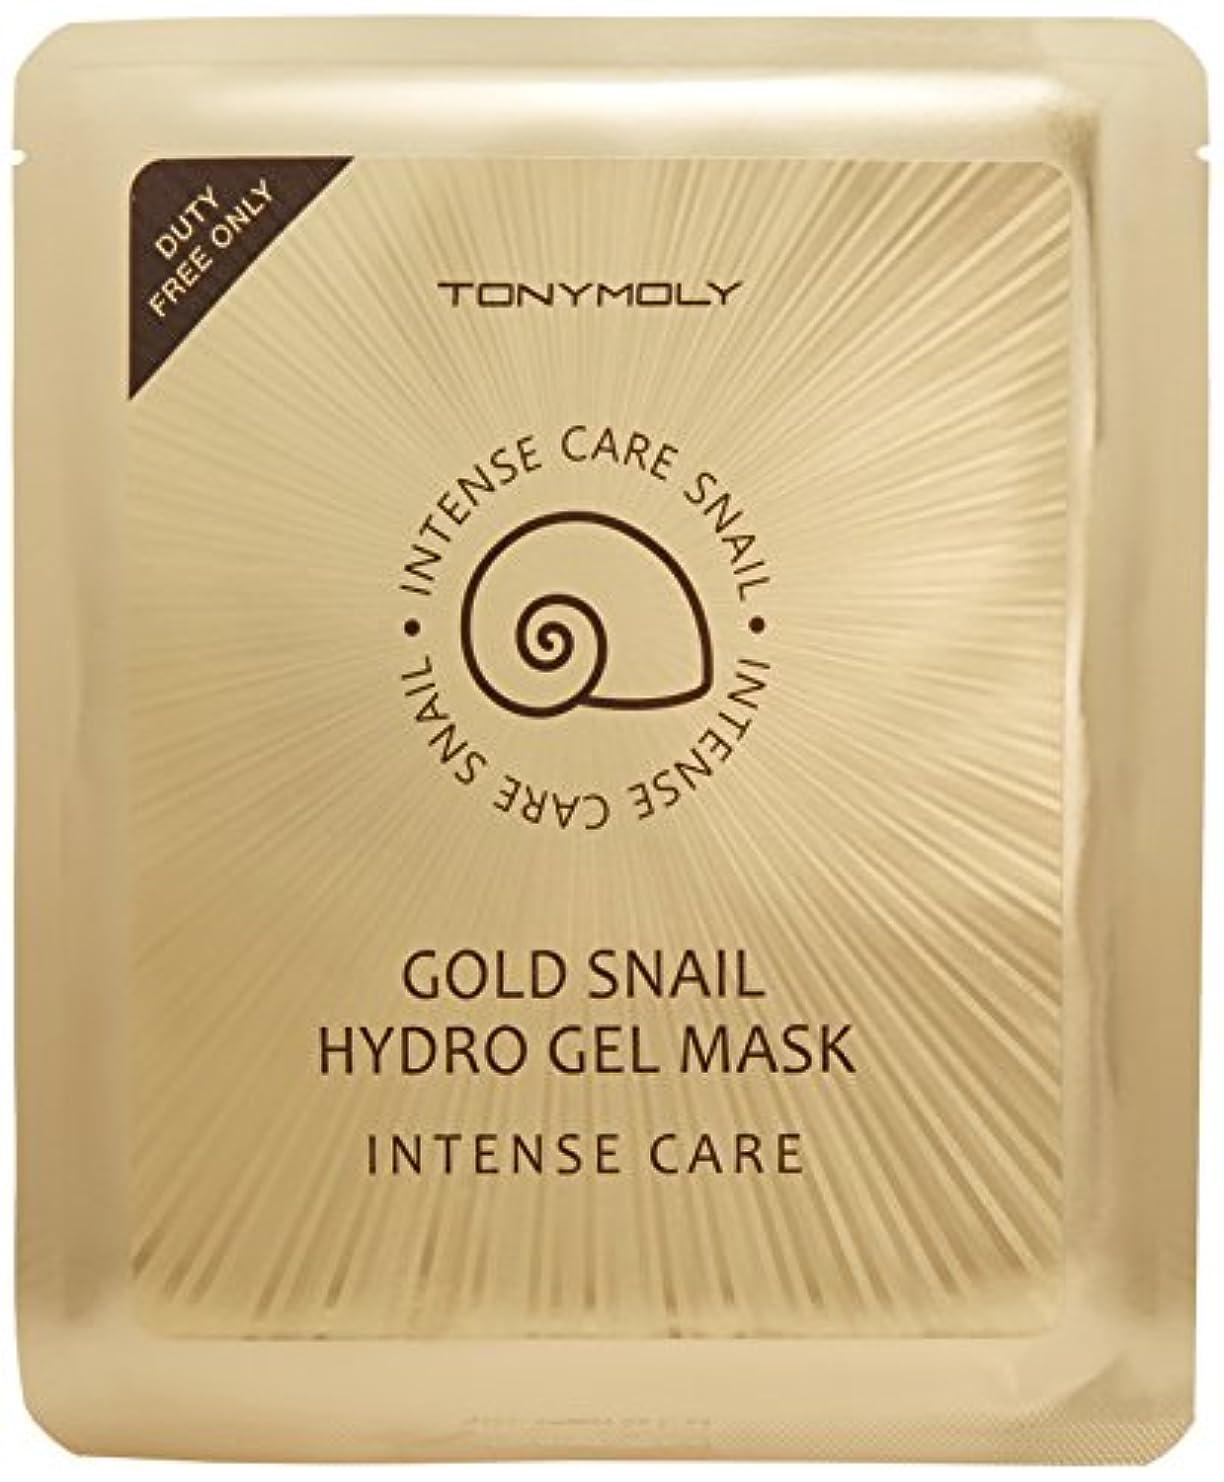 扇動する下にデッドトニーモリー インテンスケア ゴールド スネイル ハイドロゲルマスク 30gx10枚 [並行輸入品]